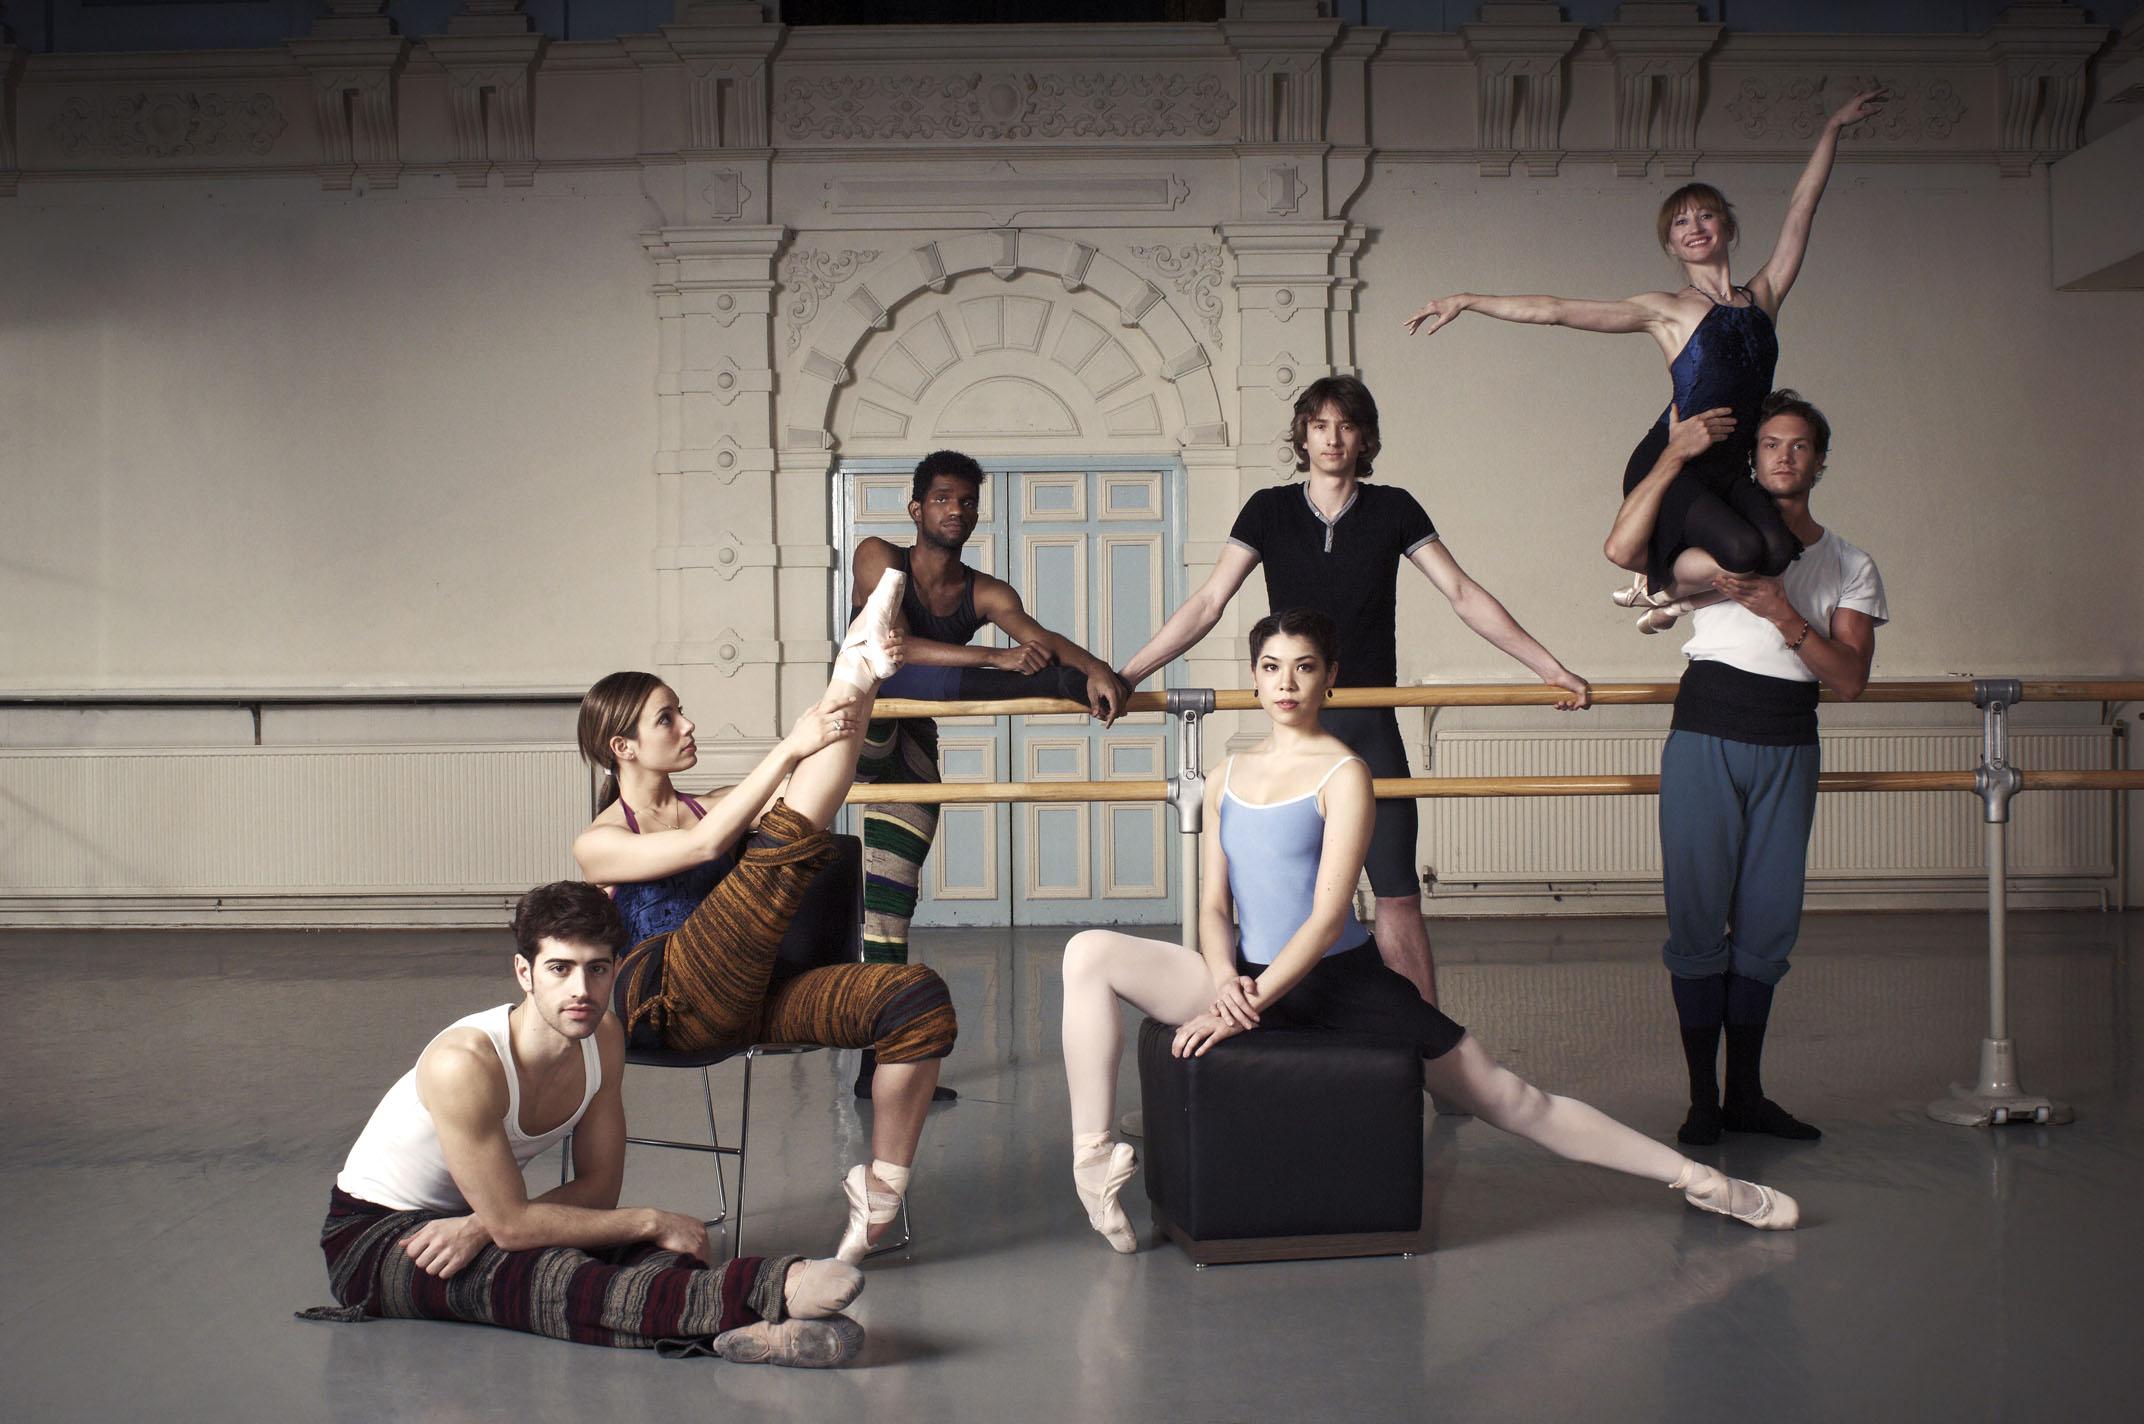 ballet dancers in the studio